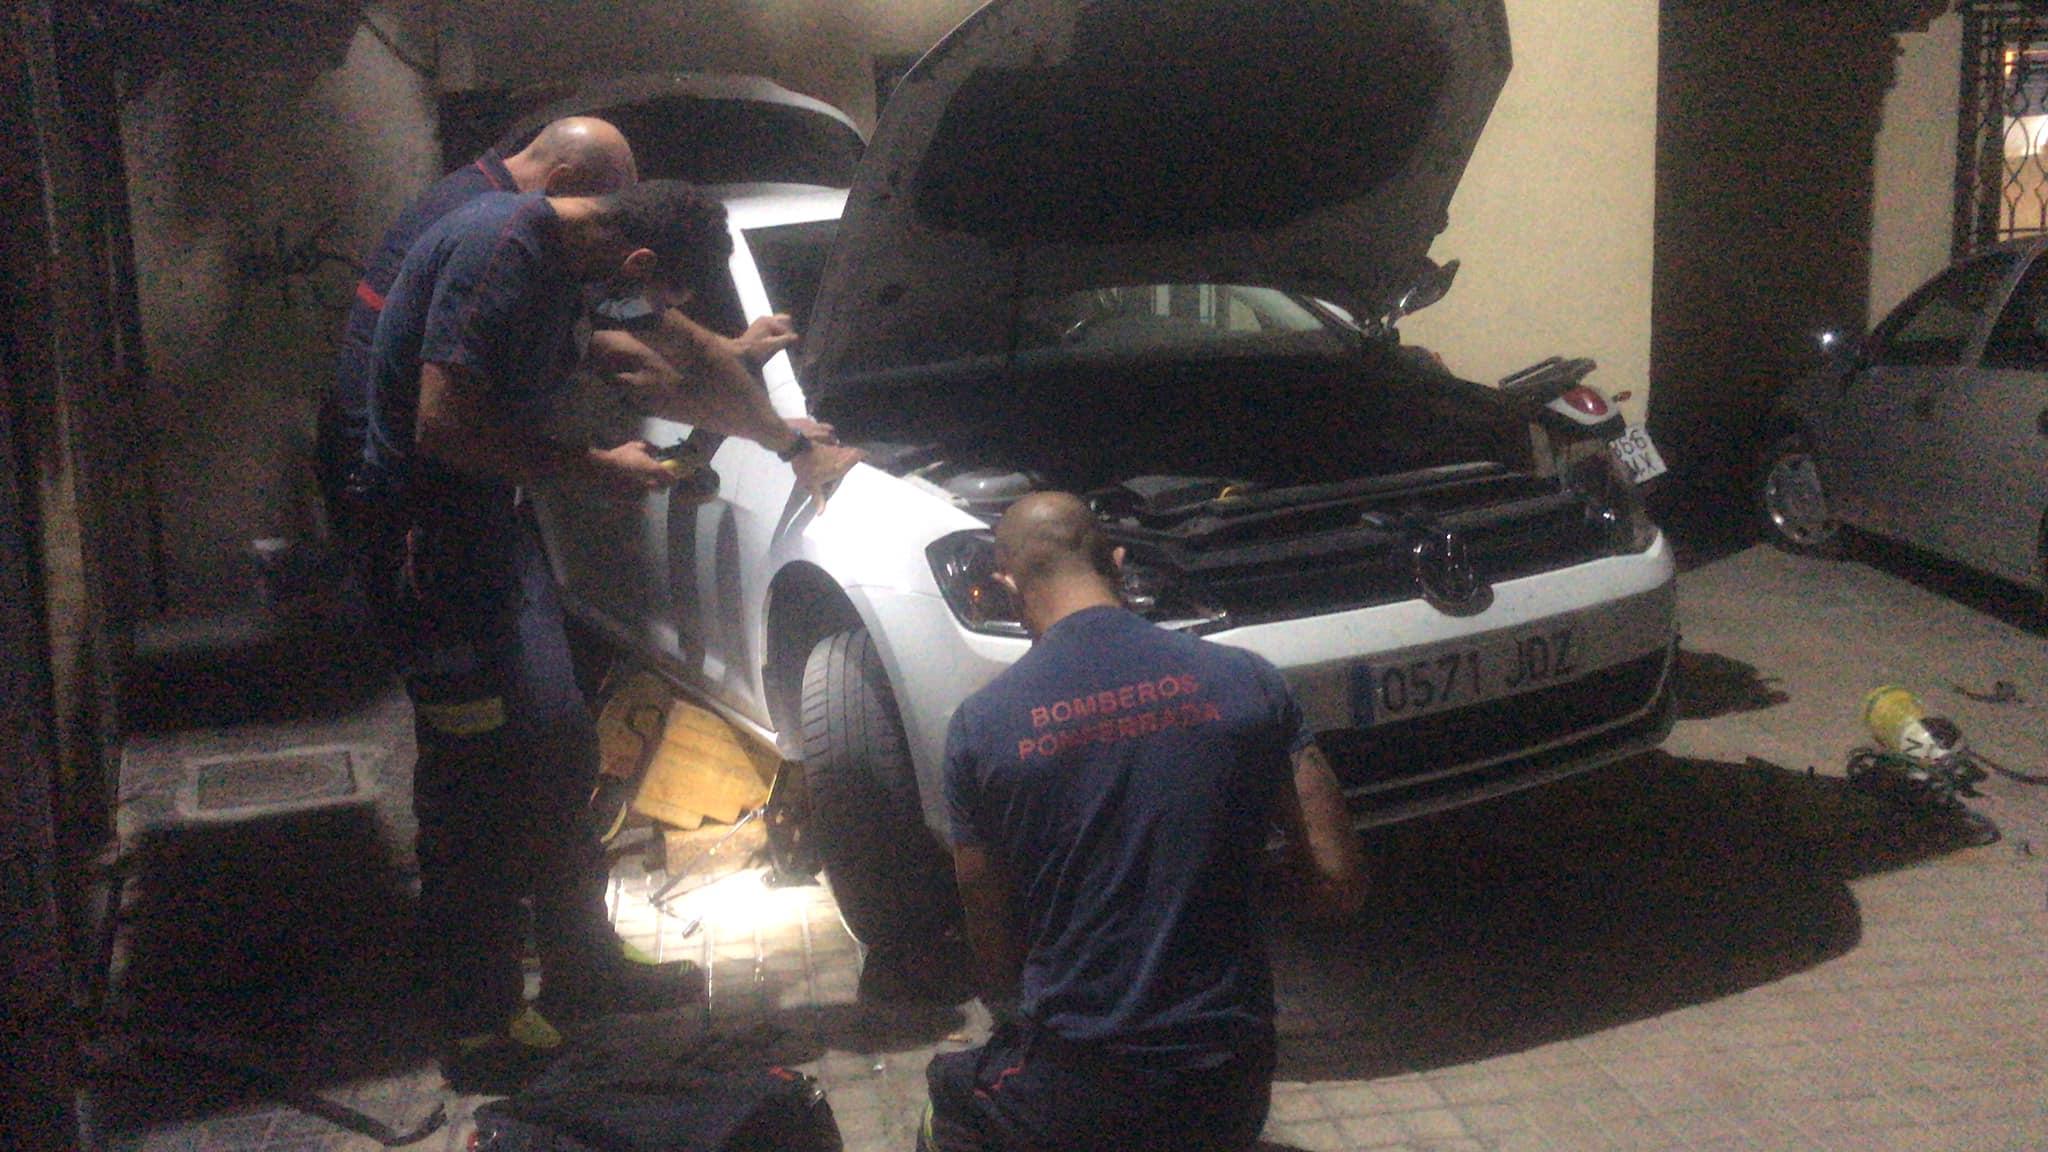 Las Bomberos de Ponferrada rescatan a un gato atrapado en el capó de un coche 1